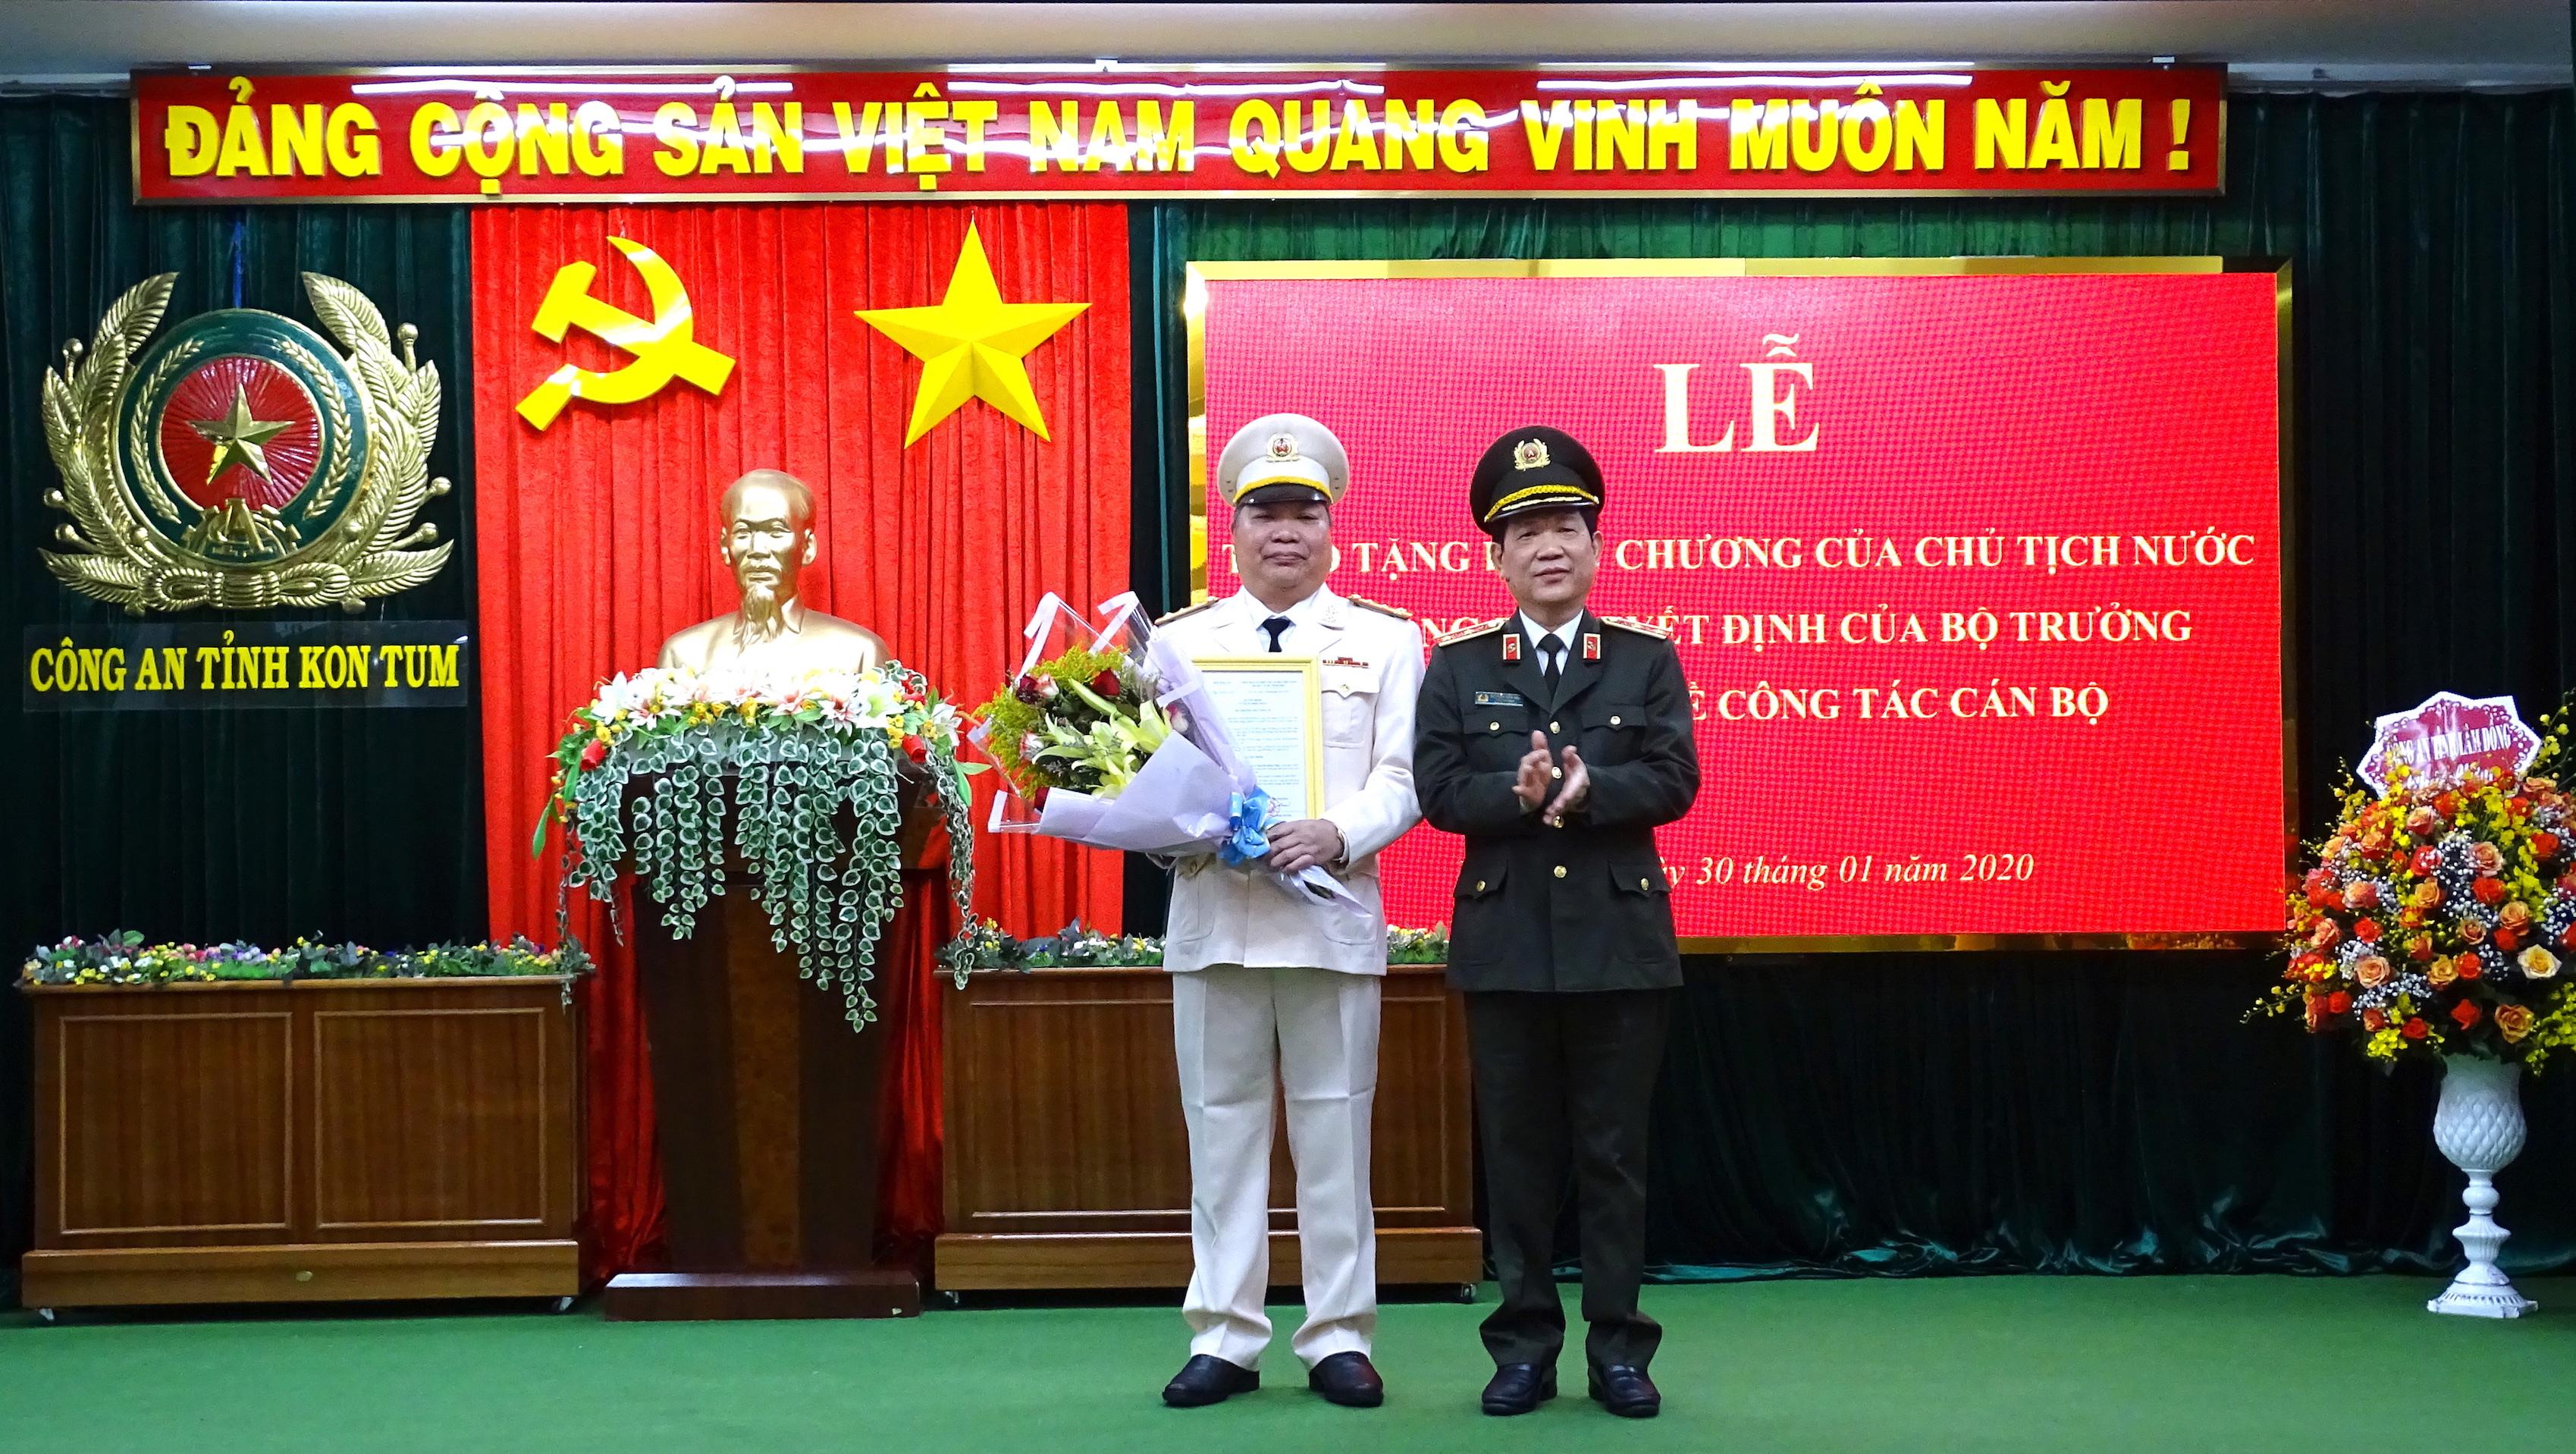 Công bố quyết định bổ nhiệm Giám đốc Công an tỉnh Kon Tum